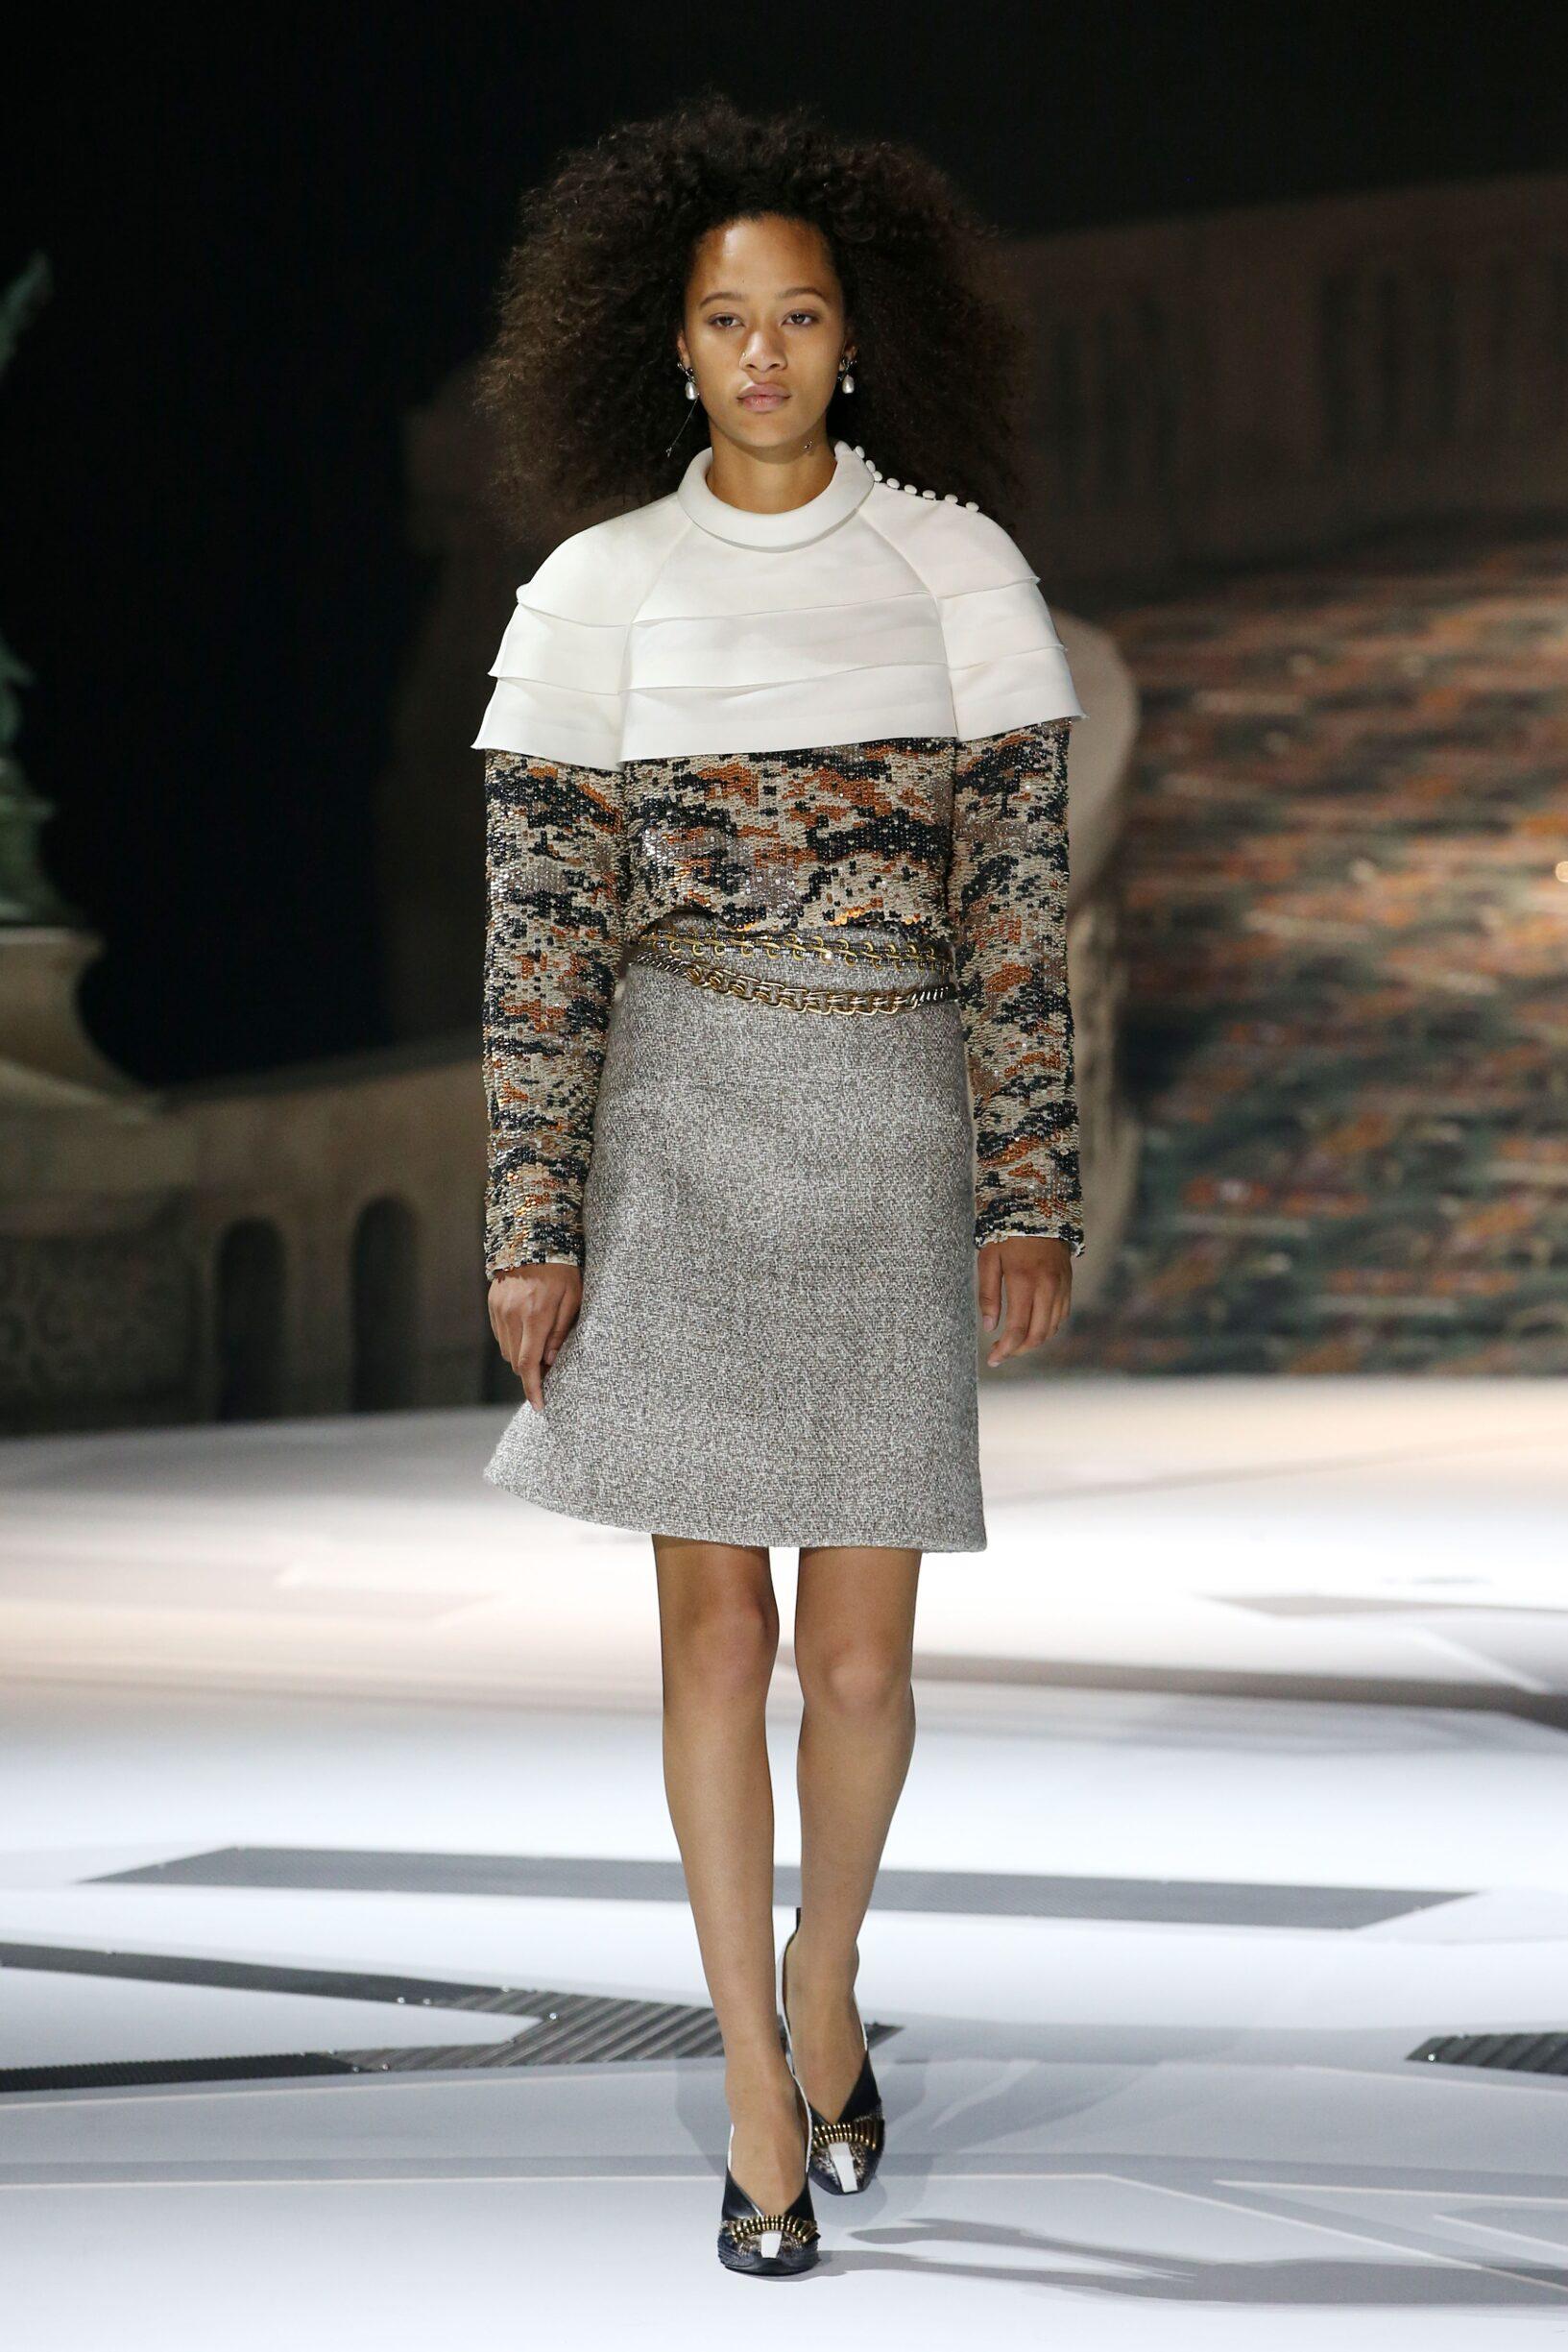 Woman FW 2018 Louis Vuitton